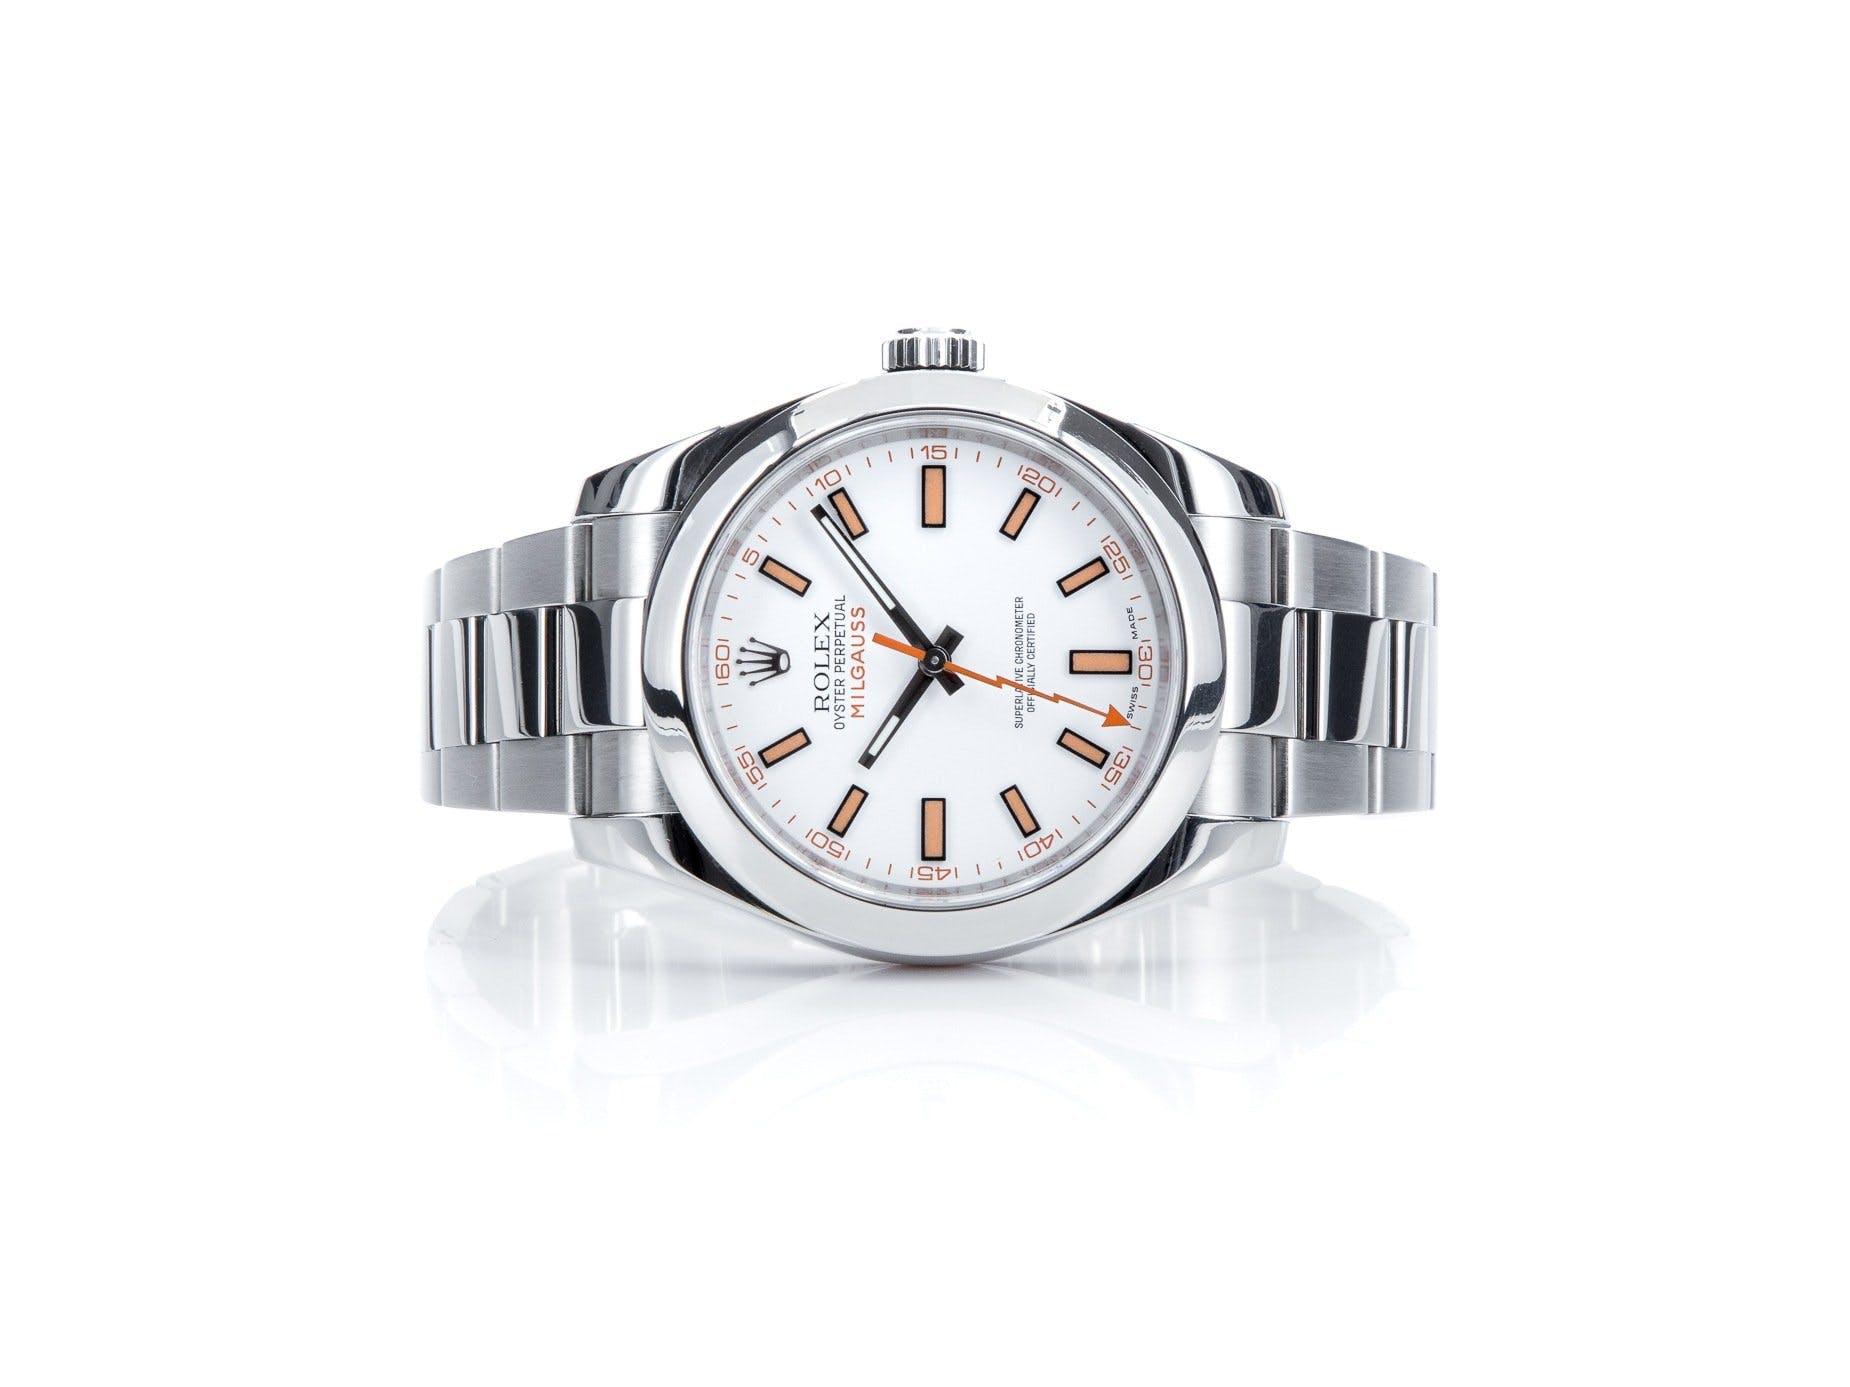 Rolex Milgauss réf. 116400